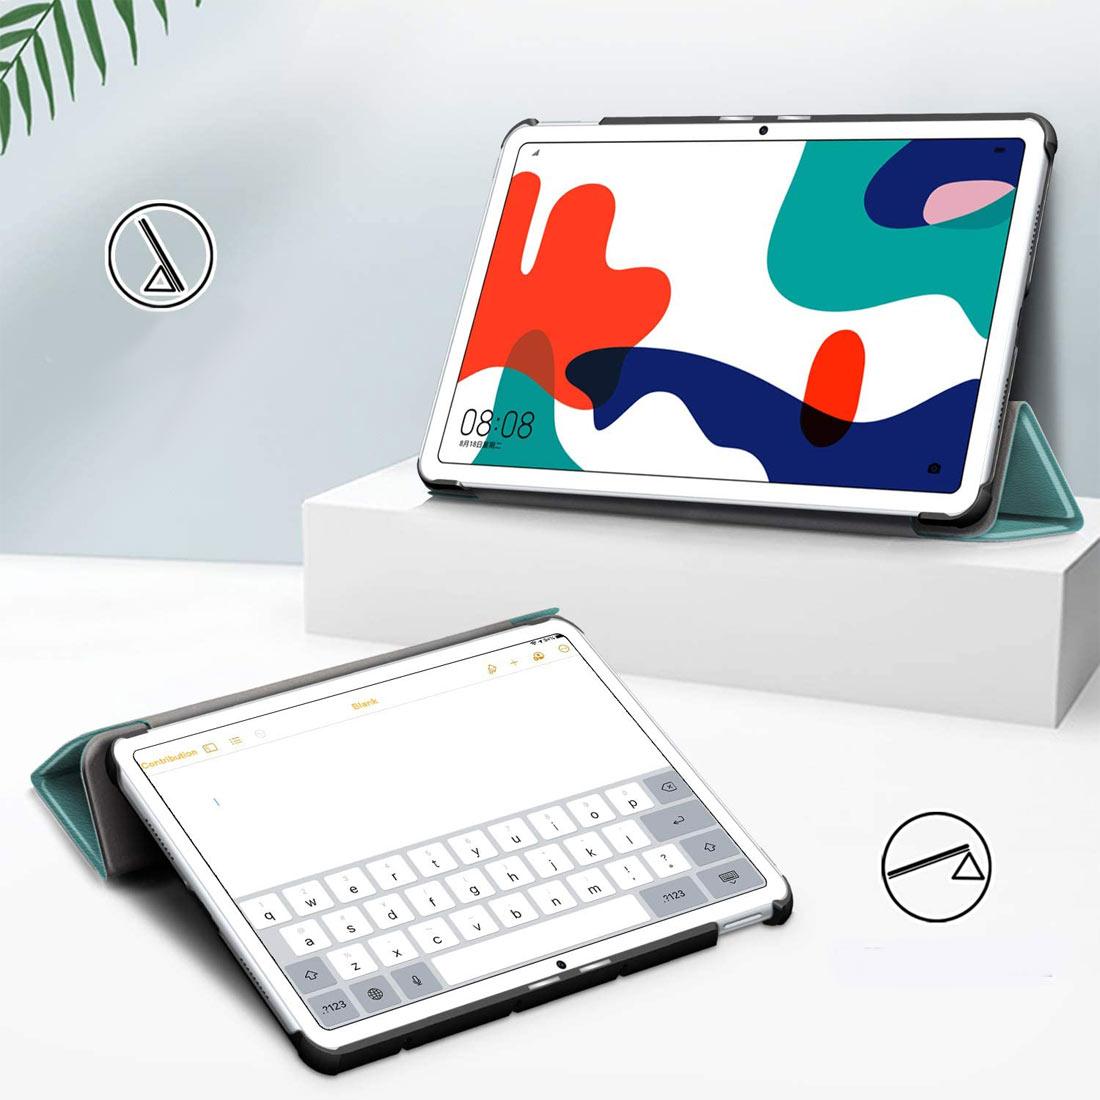 Чехол для Huawei MatePad 10.4 бирюзовый полиуретановый